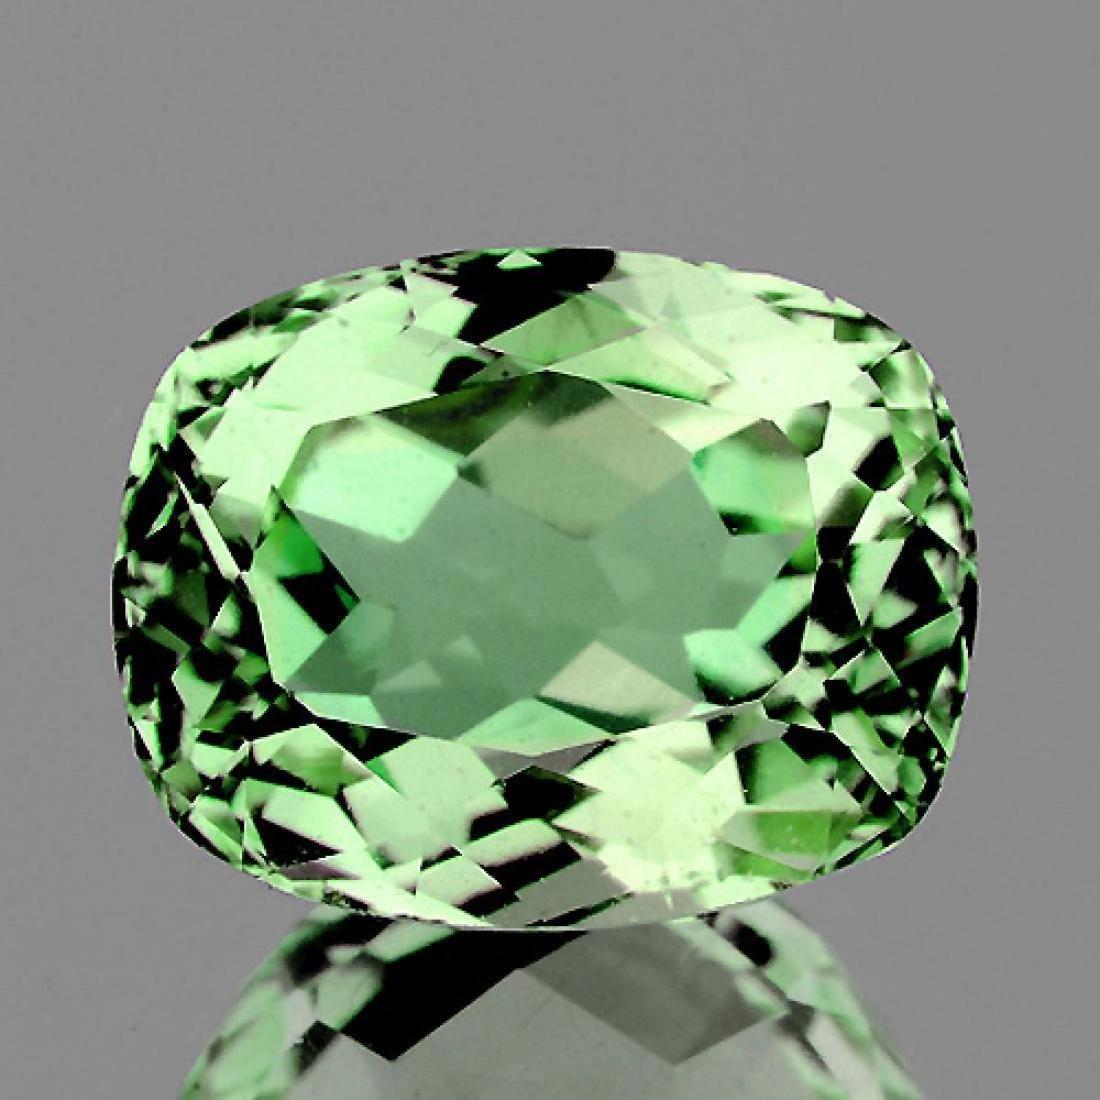 Natural Green Amethyst 22.90 Carats - FL